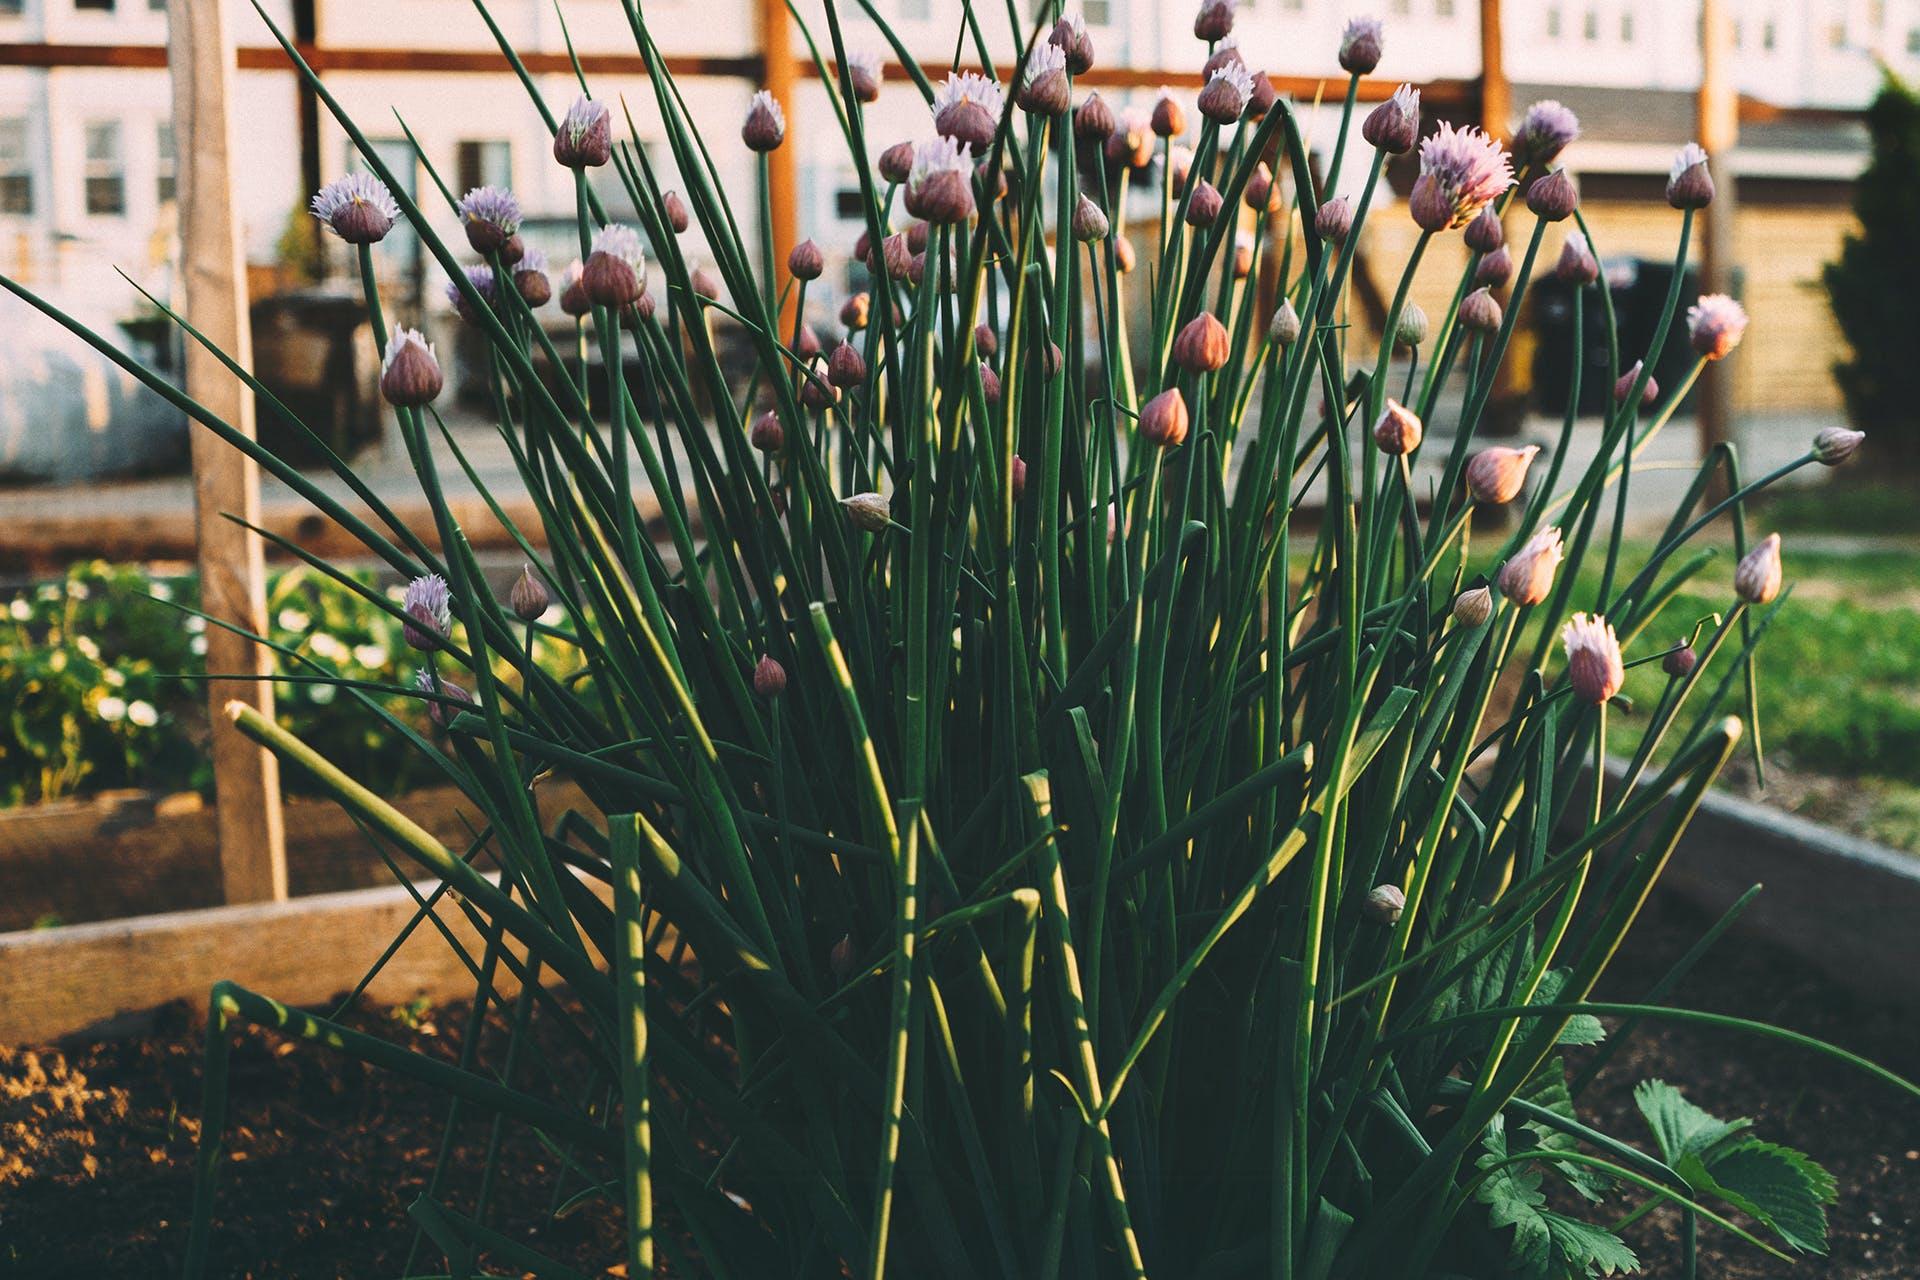 Δωρεάν στοκ φωτογραφιών με βότανα, κήπος, λουλούδια, παρτέρι